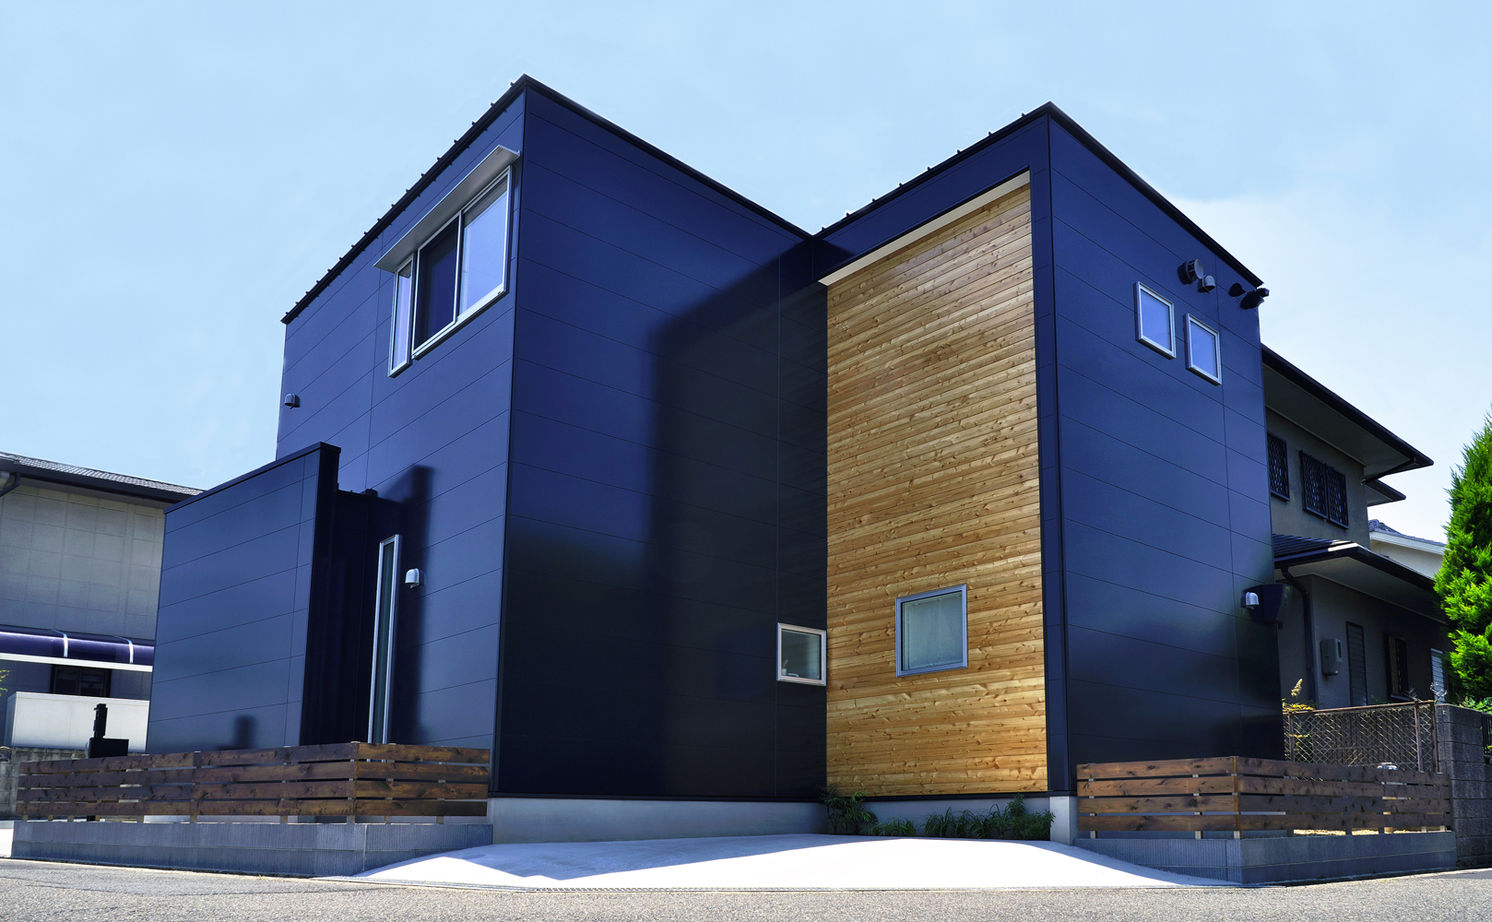 1000万円台で叶えた建築家デザイン。変形地を活かし、どの角度から見ても絵になる家画像2